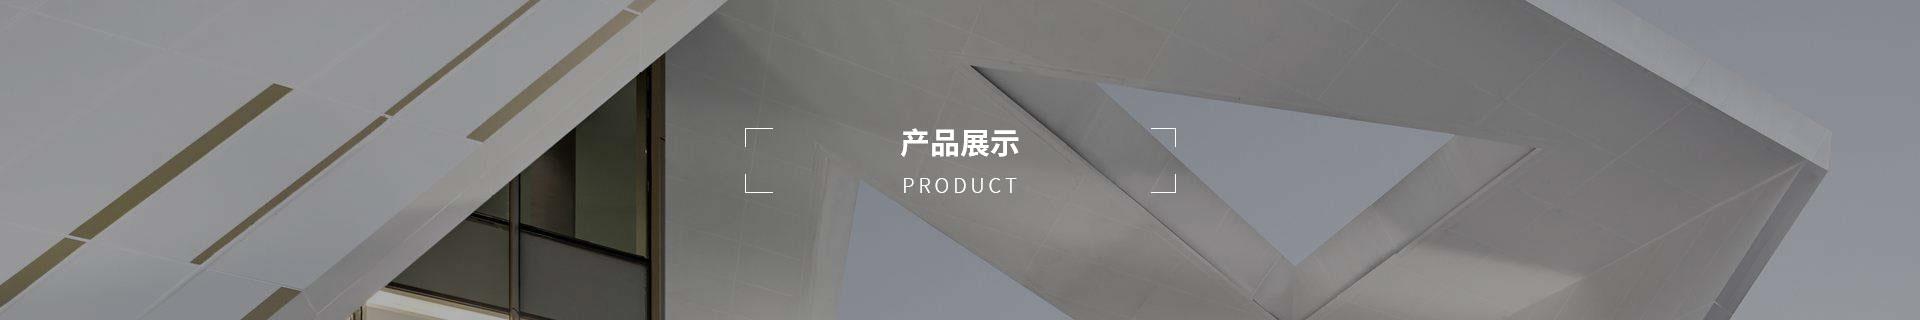 铝单板产品中心